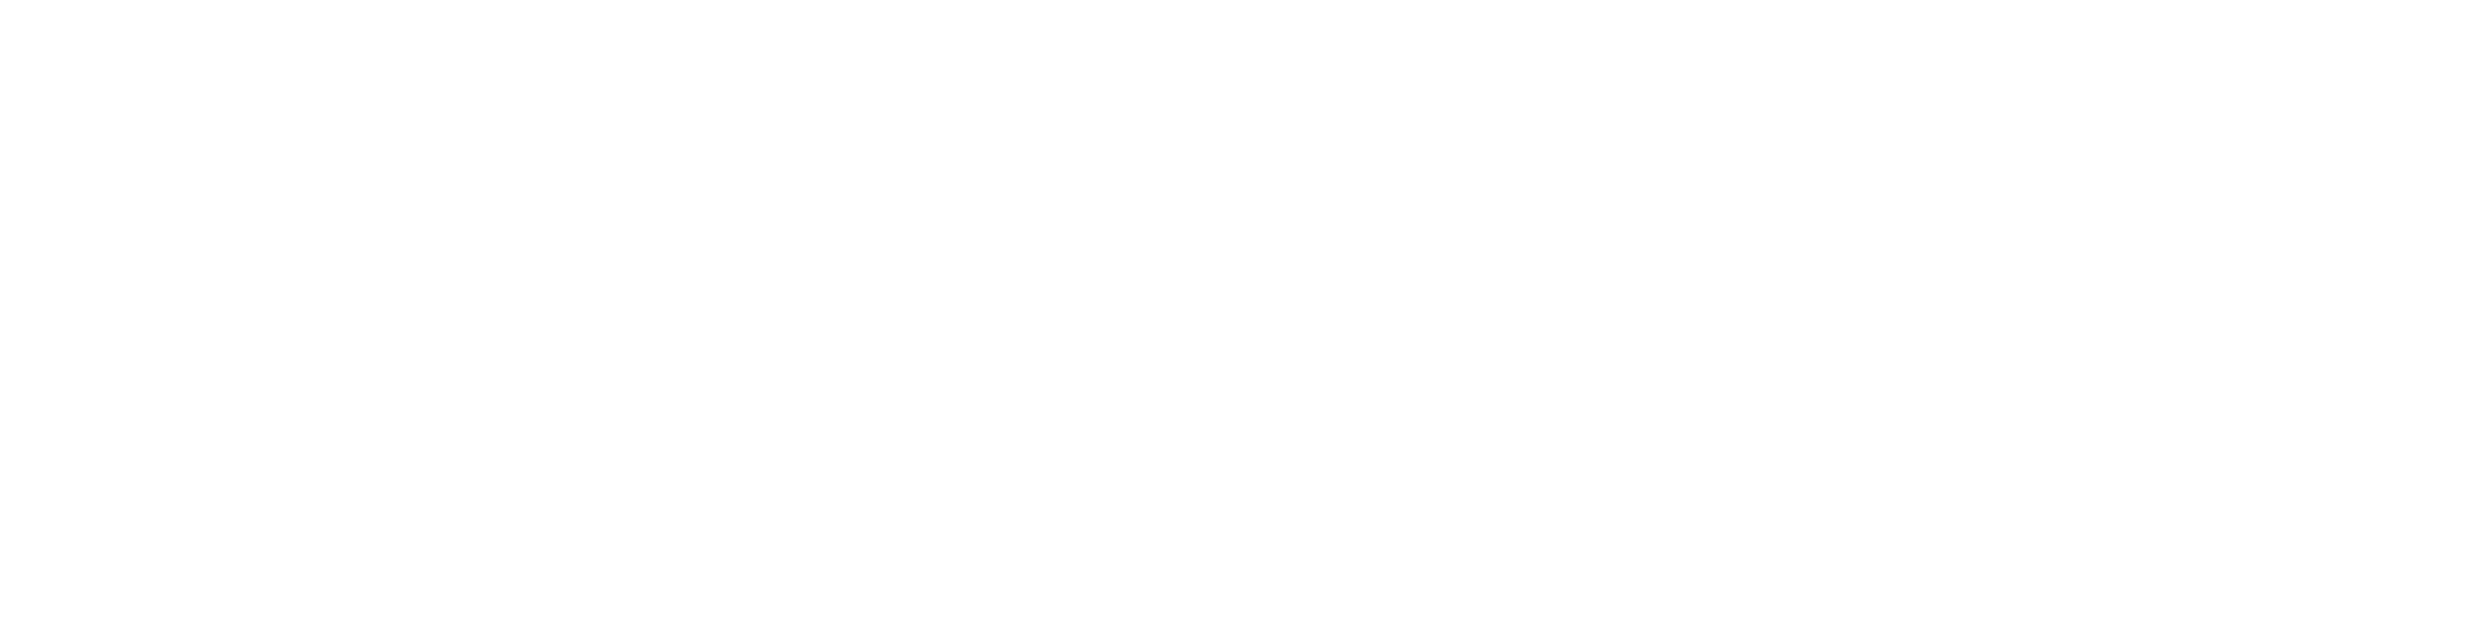 TapHaus-logo-white.png